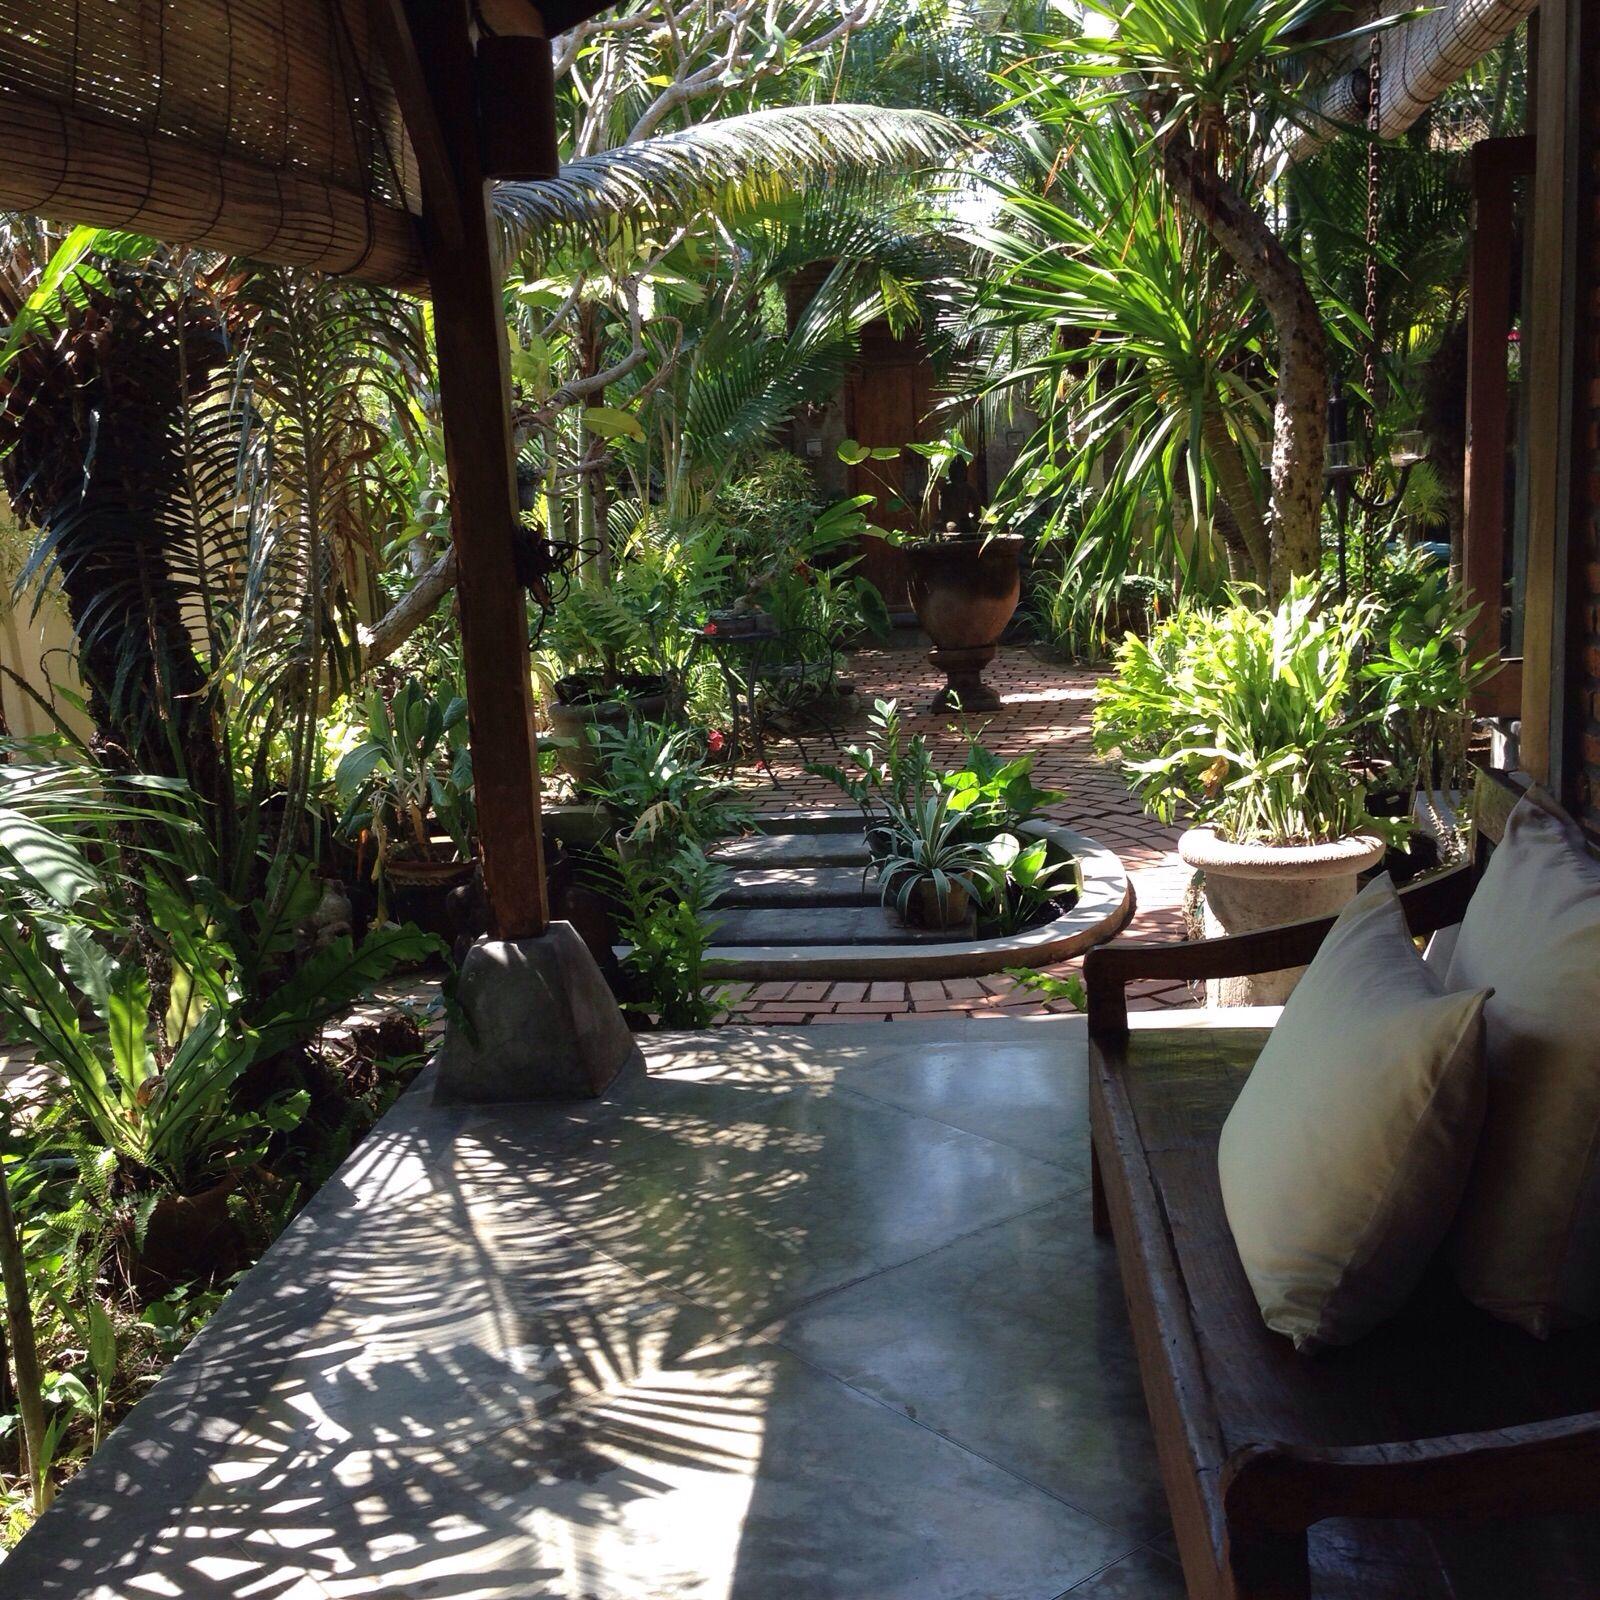 Bali Home Design Ideas: Bali Style. Balinese Home. Lima San House. Balinese Garden